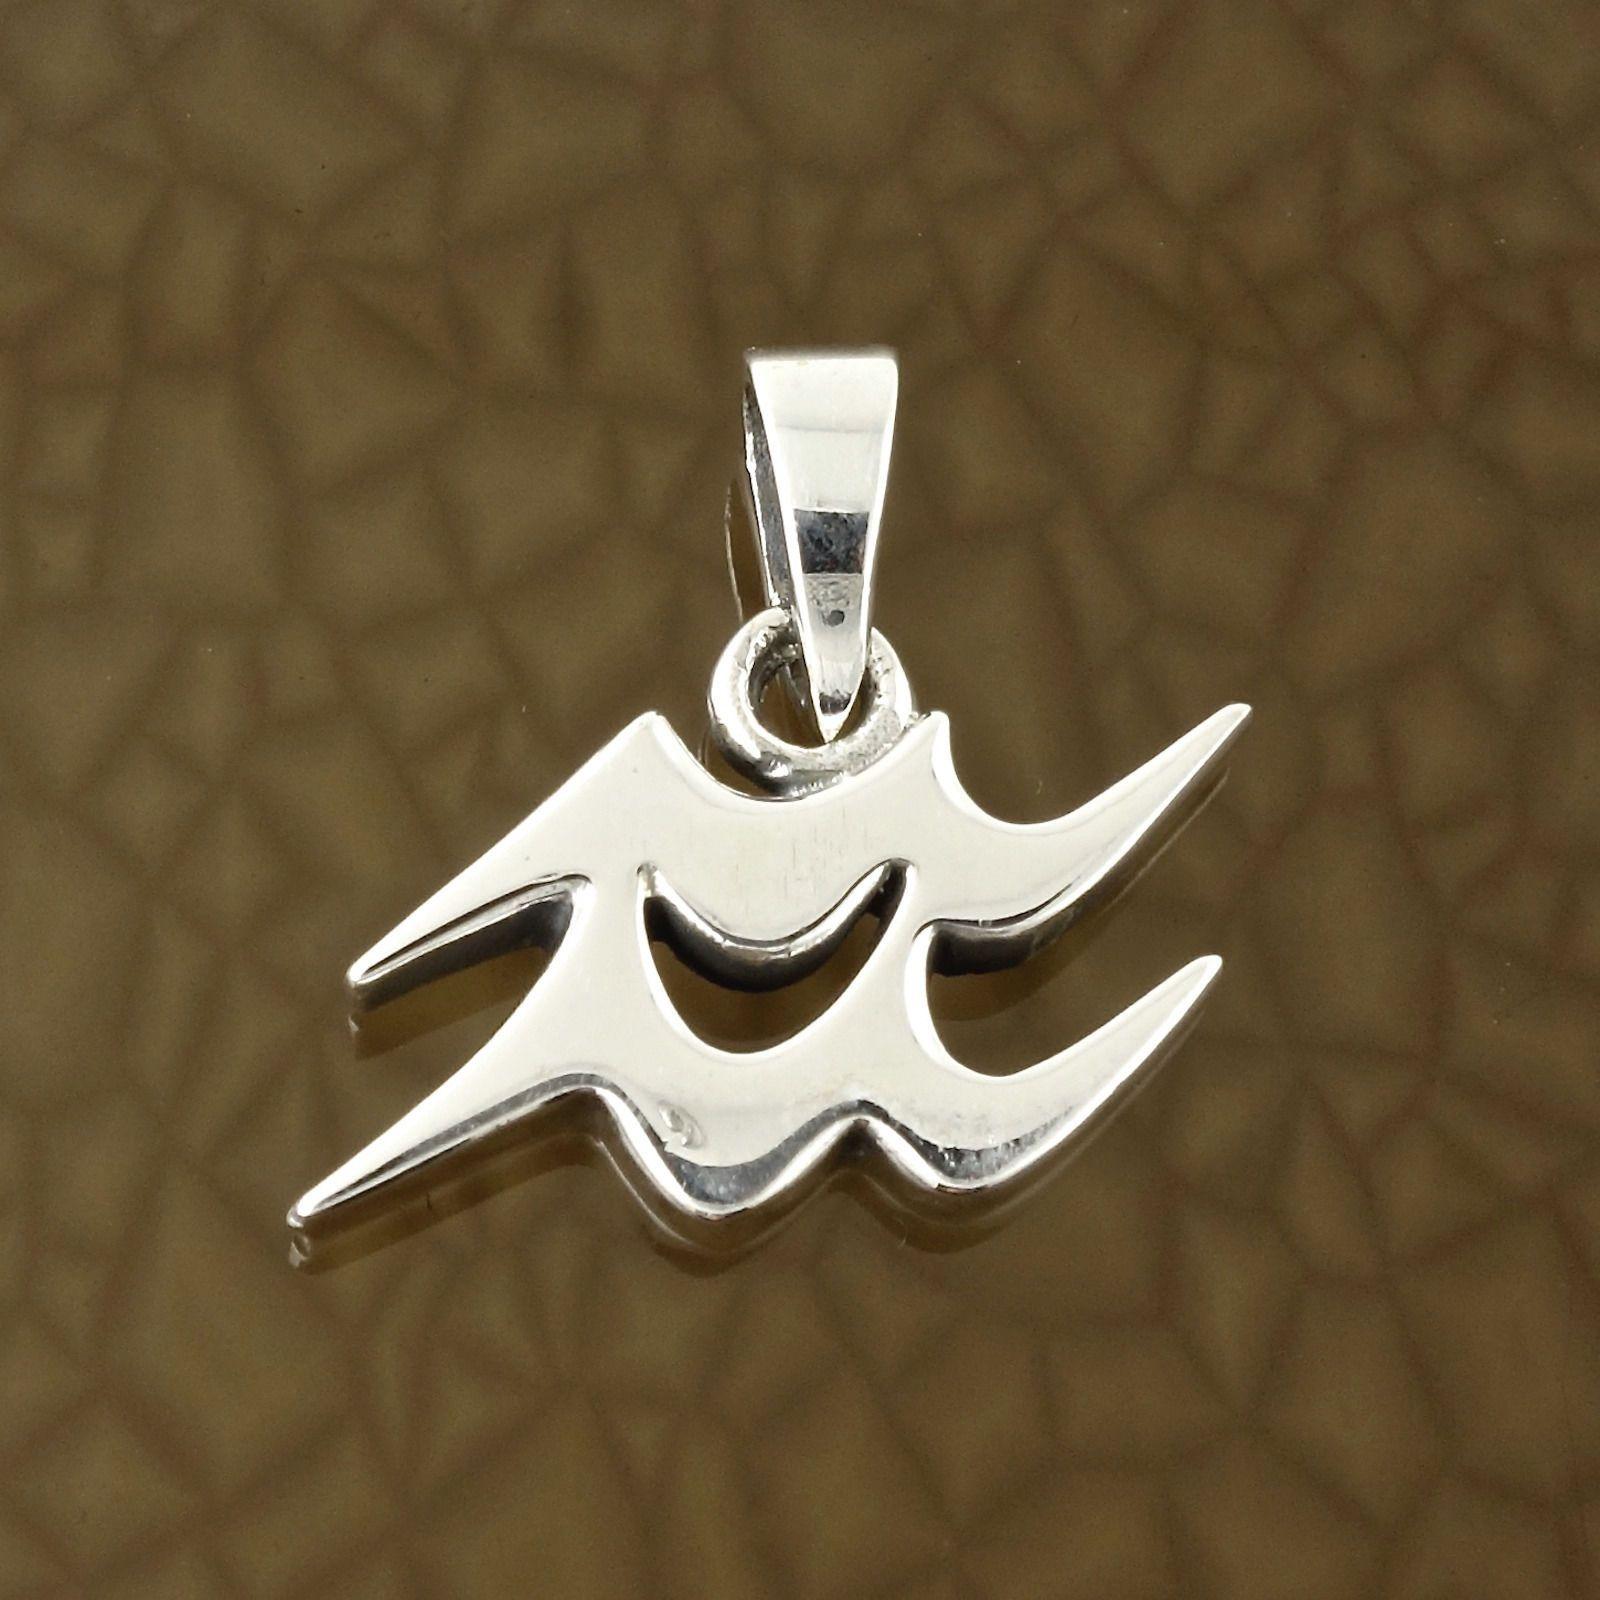 Aquarius zodiac symbol pendant in solid 925 sterling silver aquarius zodiac symbol pendant in solid 925 sterling silver symbolic charm this pendant is biocorpaavc Image collections